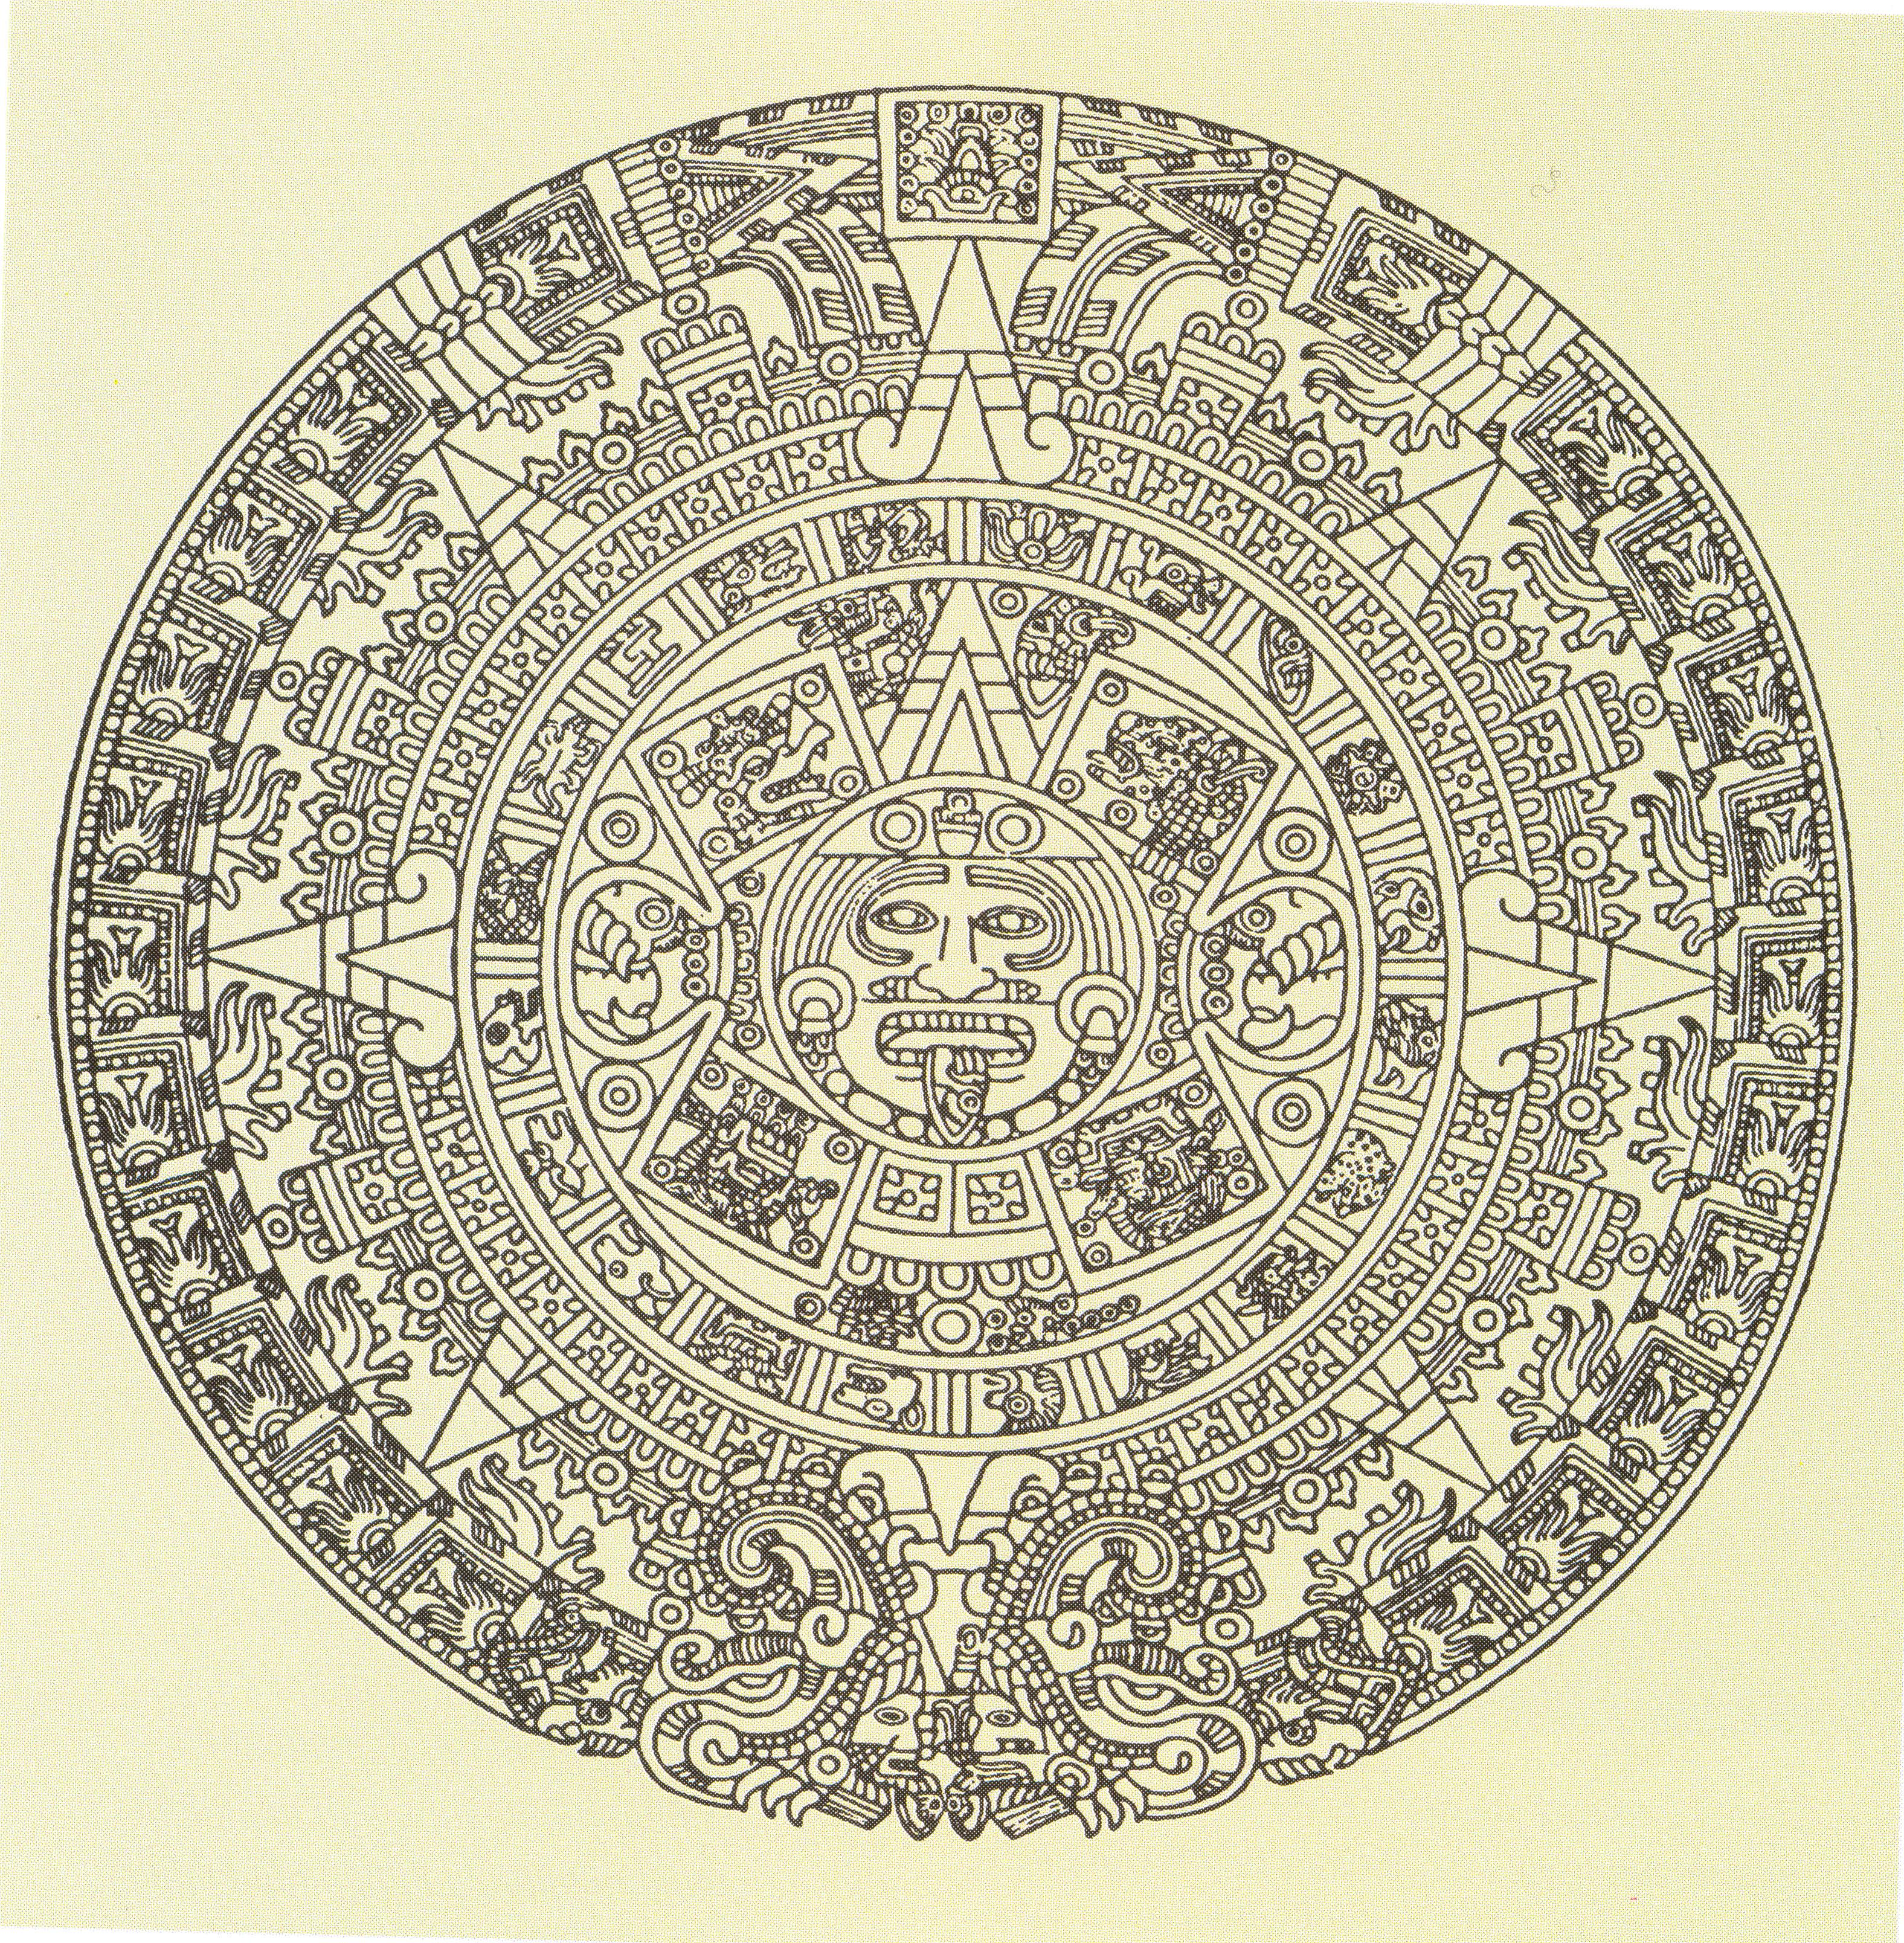 La piedra del sol mandala del se or del tiempo una - Dibujos de piedras ...